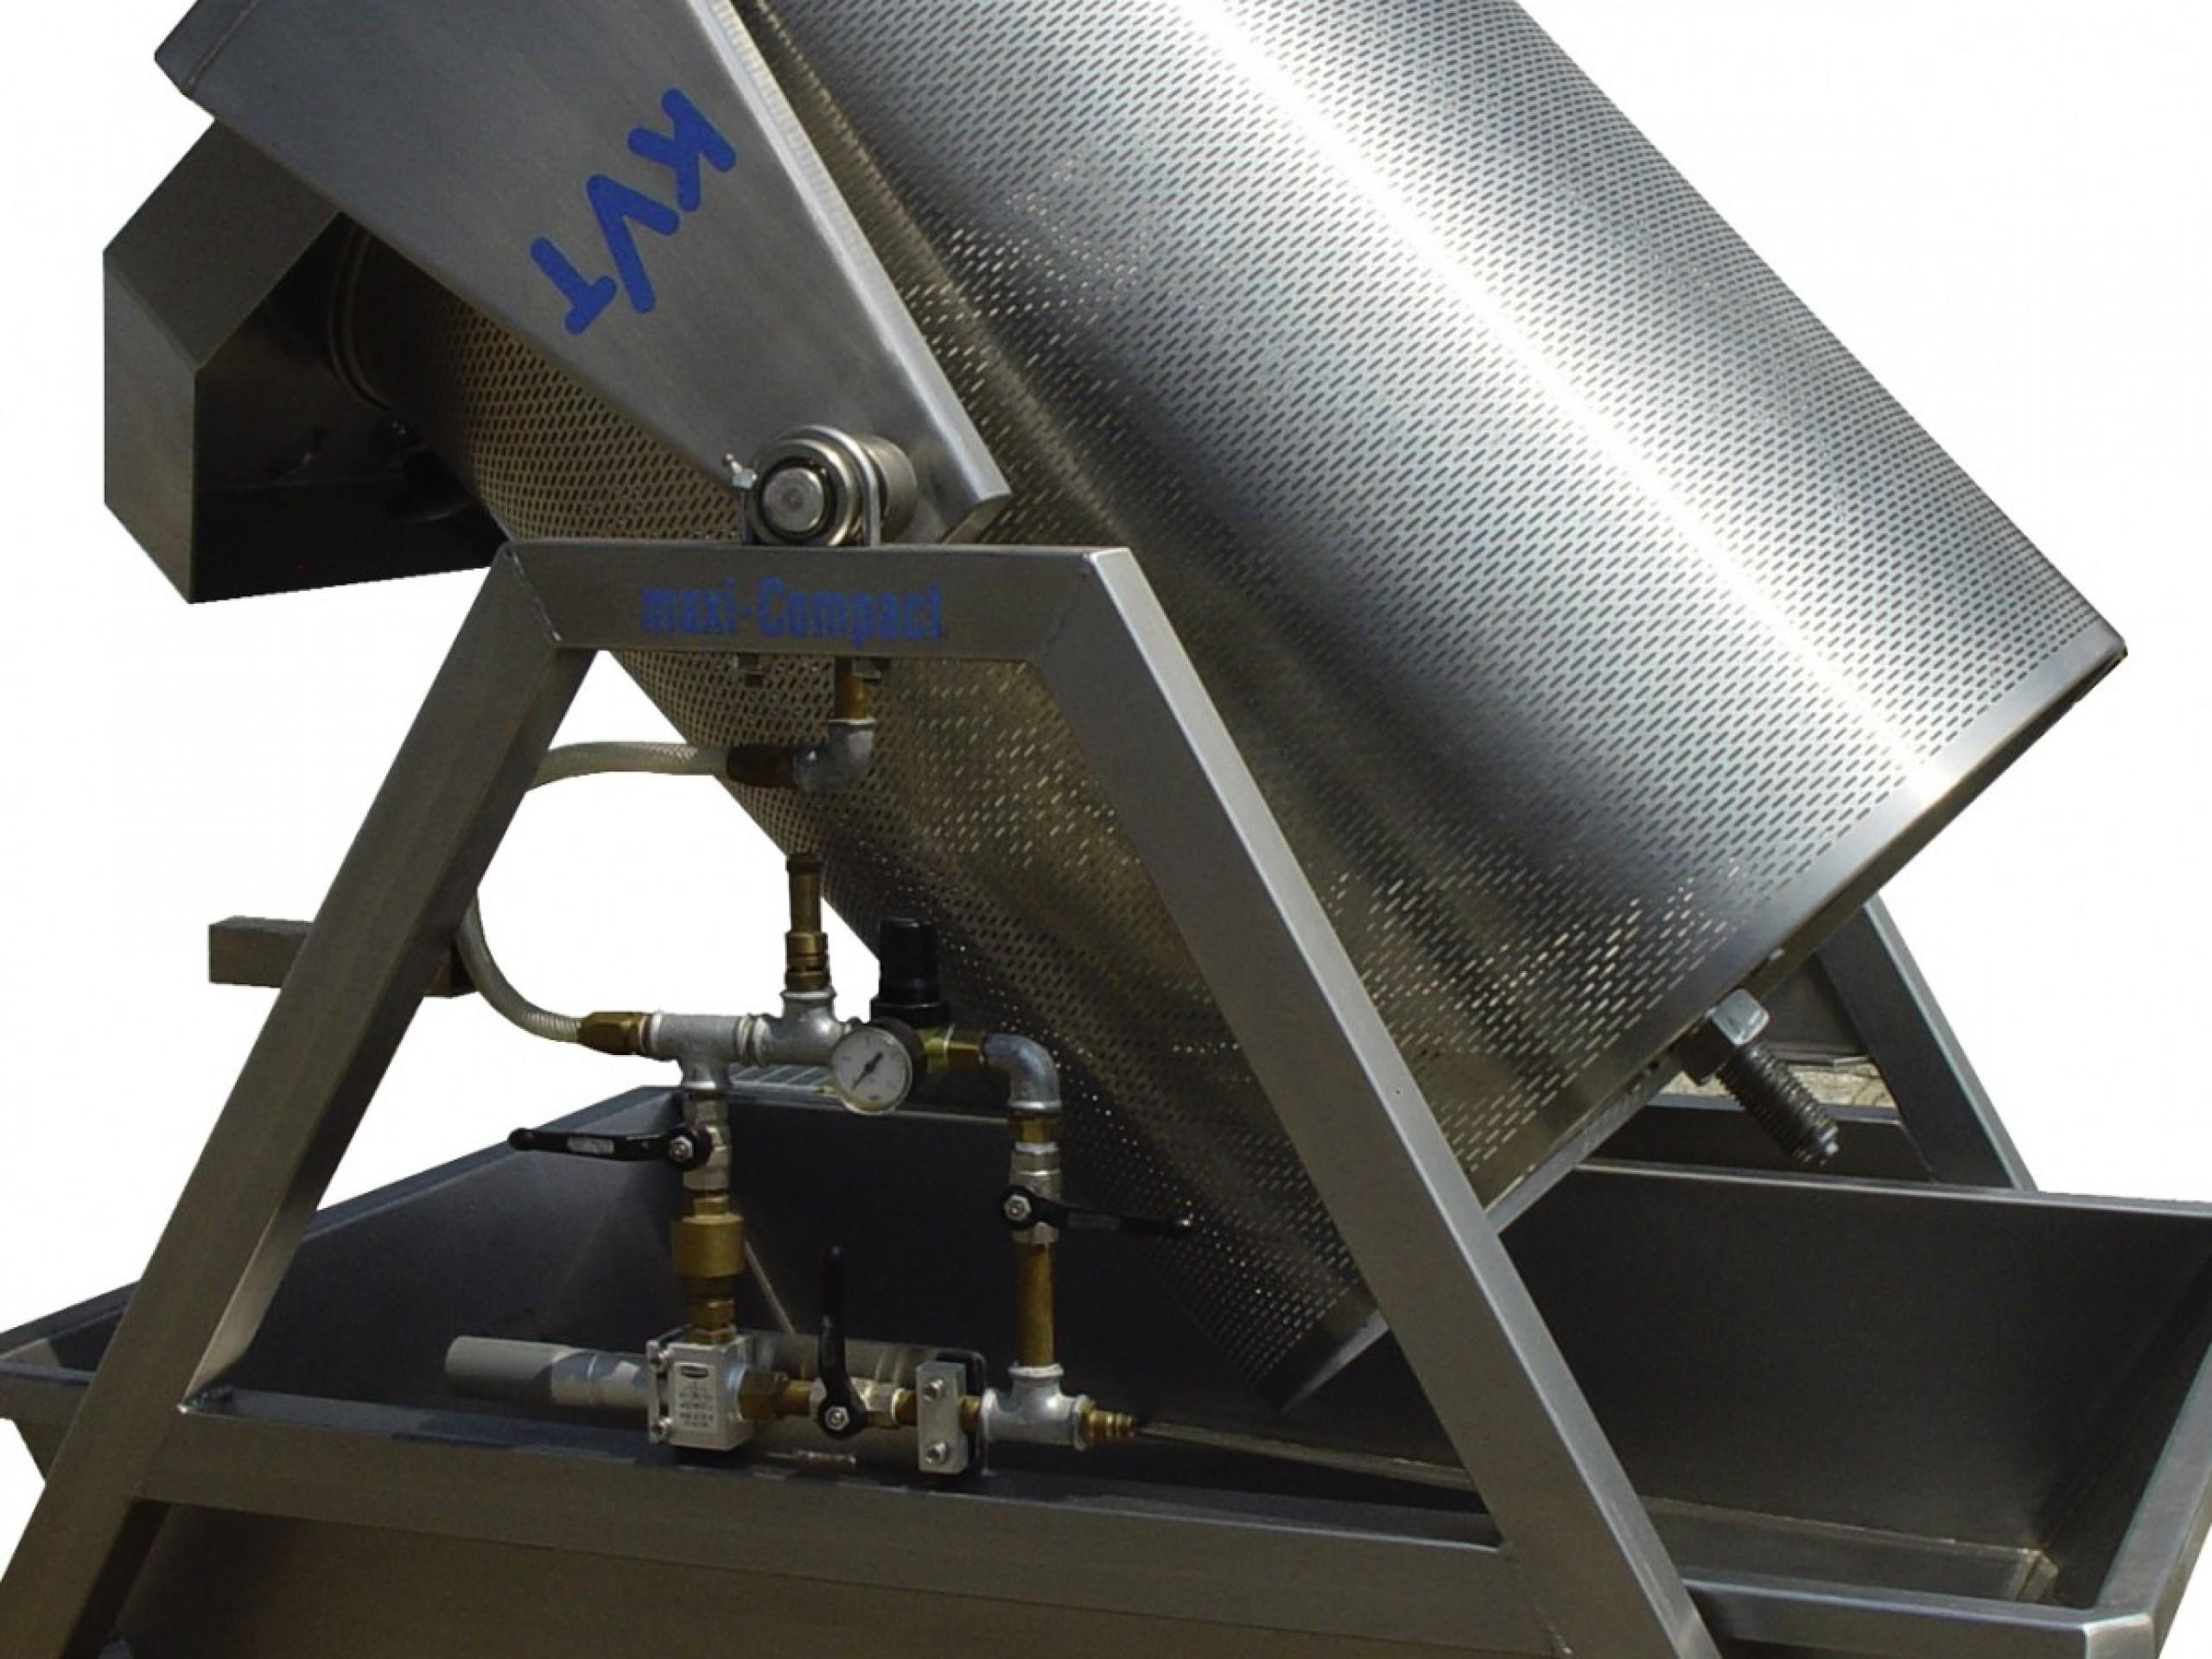 KVT-Gaerbehaelter Wasserrinne mit Entleerung